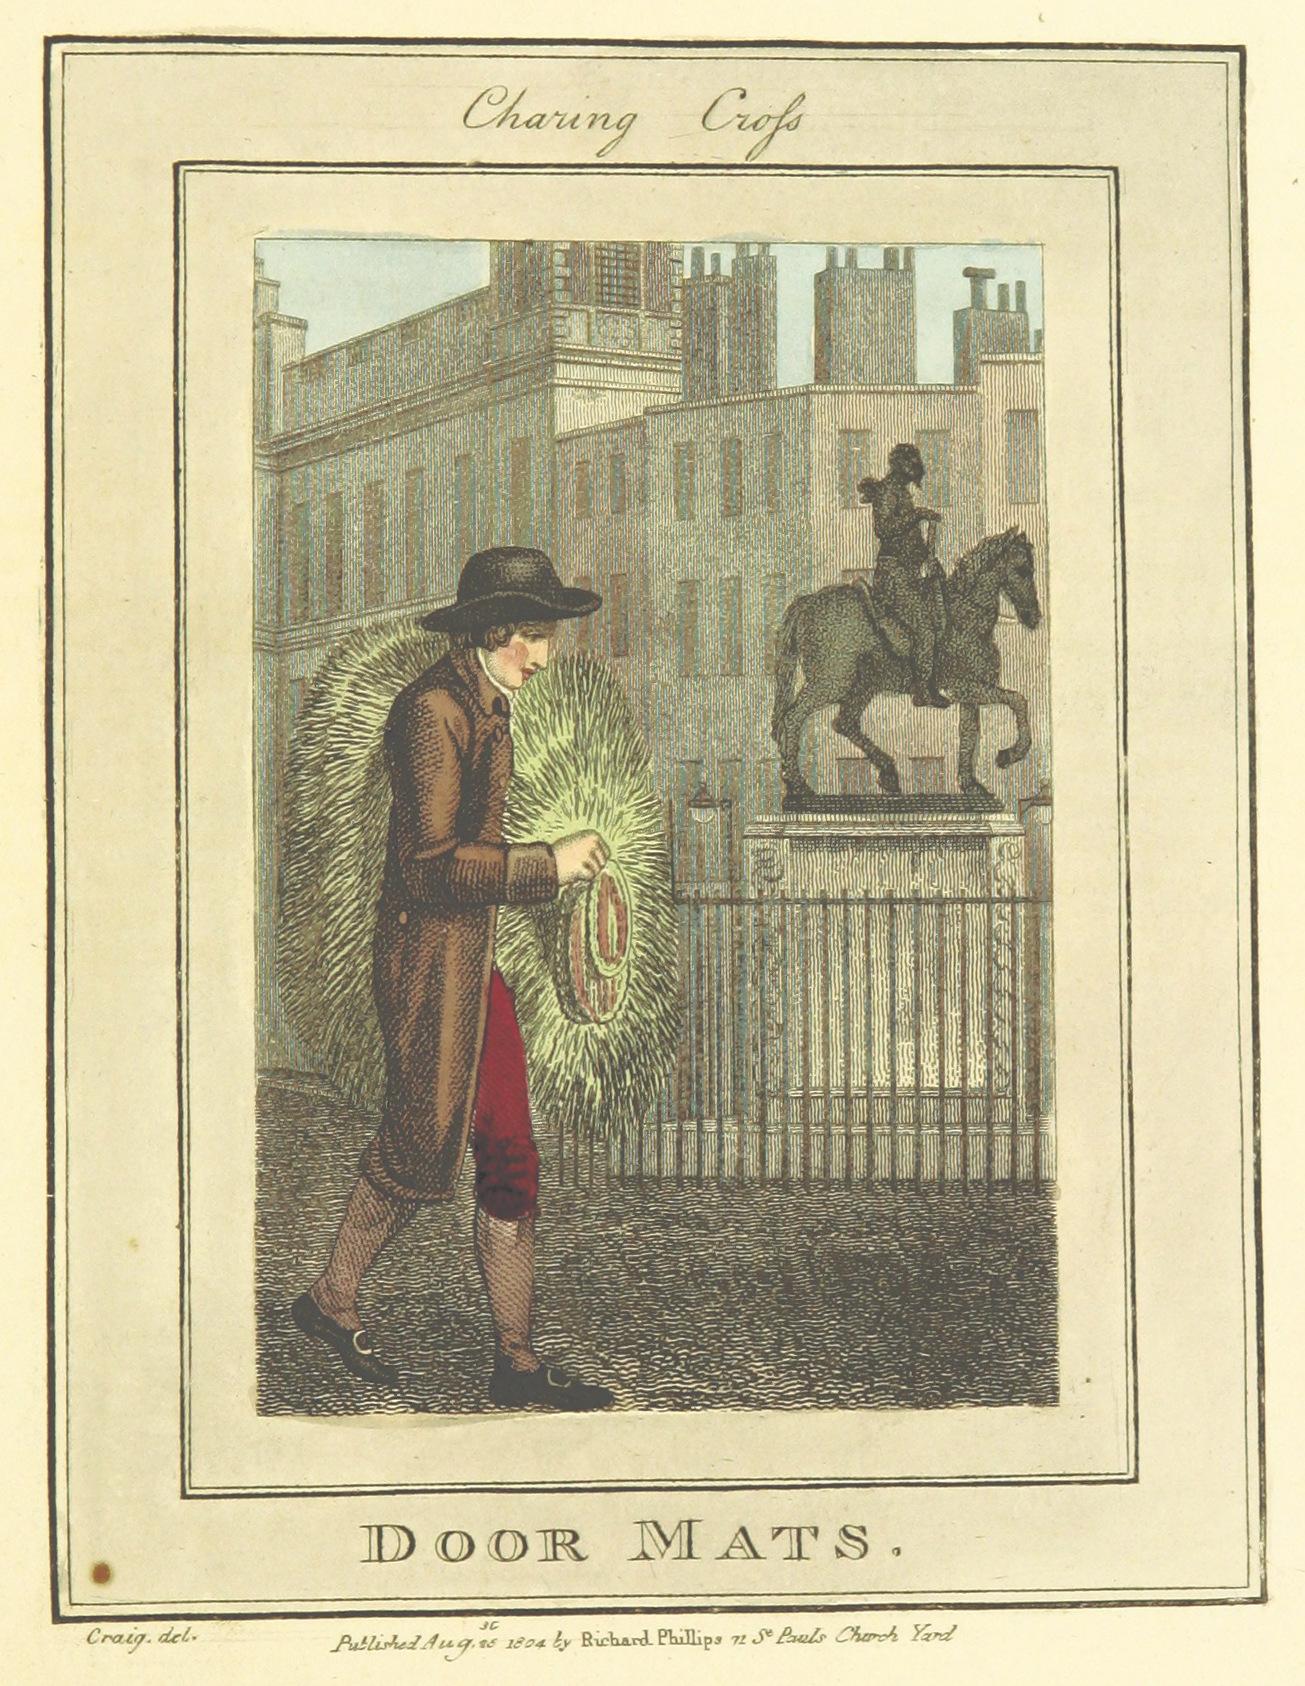 Phillips(1804)_p589_-_Charing_Cross_-_Door_Mats